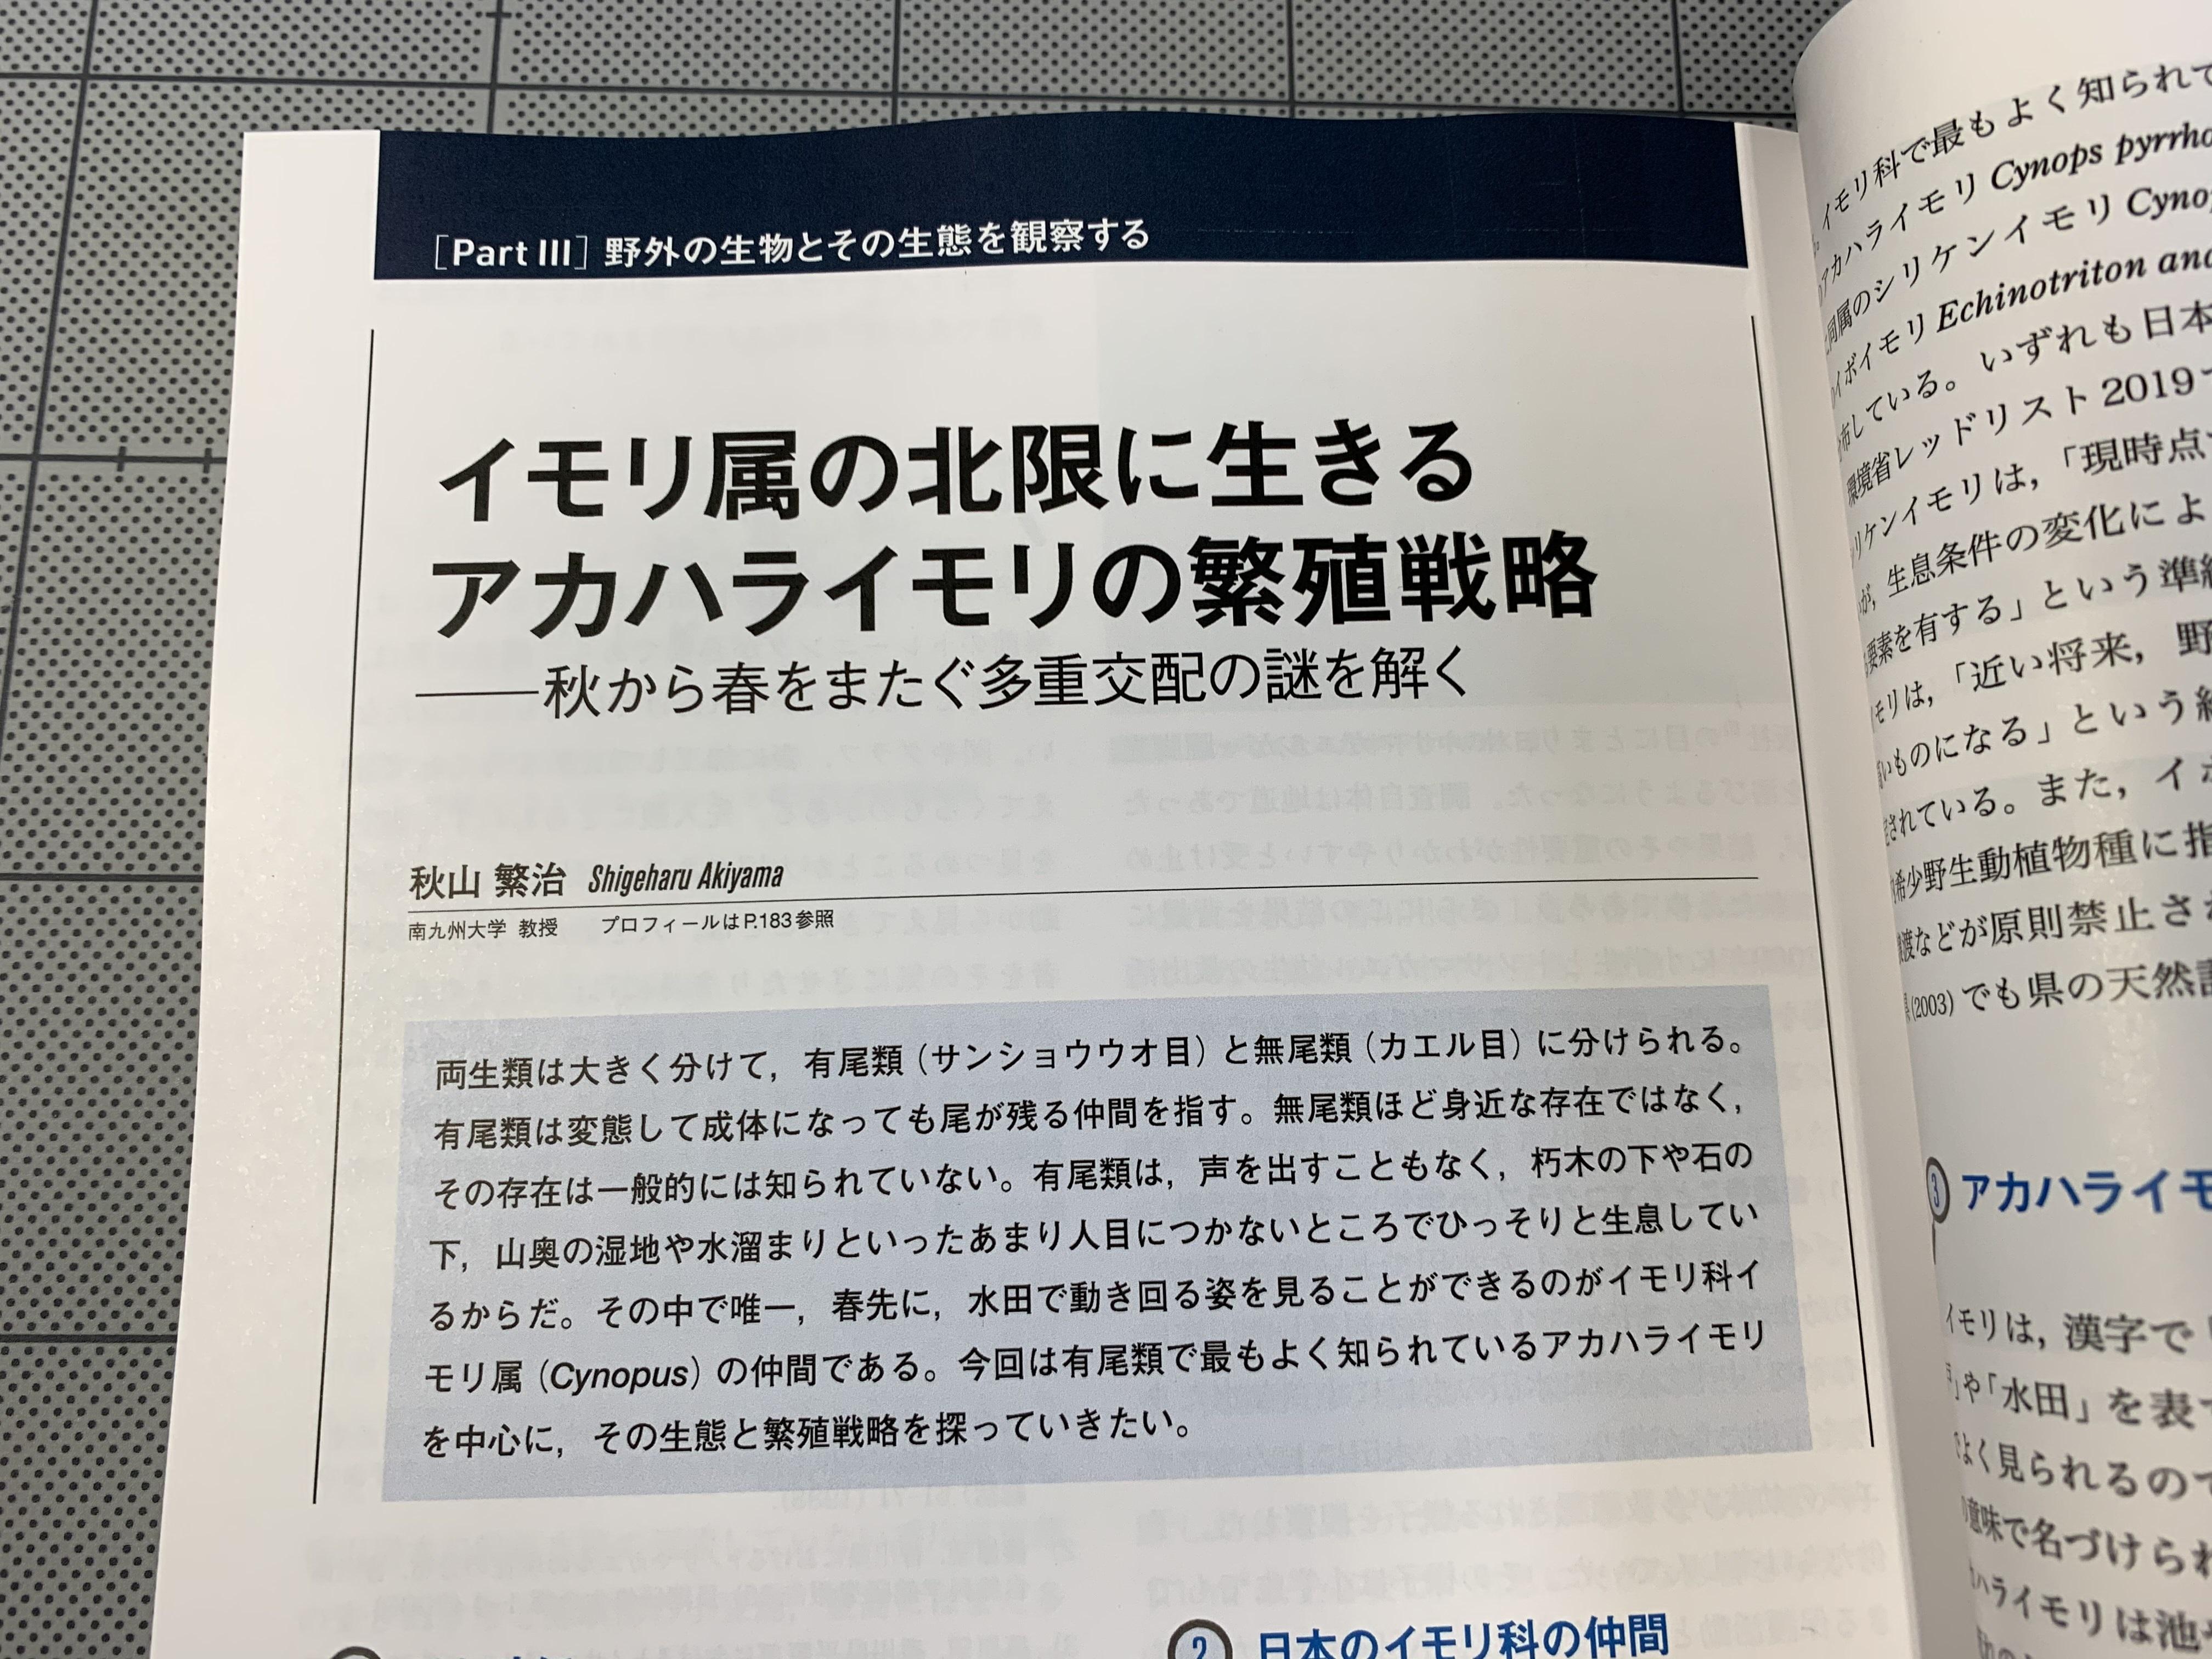 別冊遺伝No.24『実践 生物実験ガイドブック』がでました。